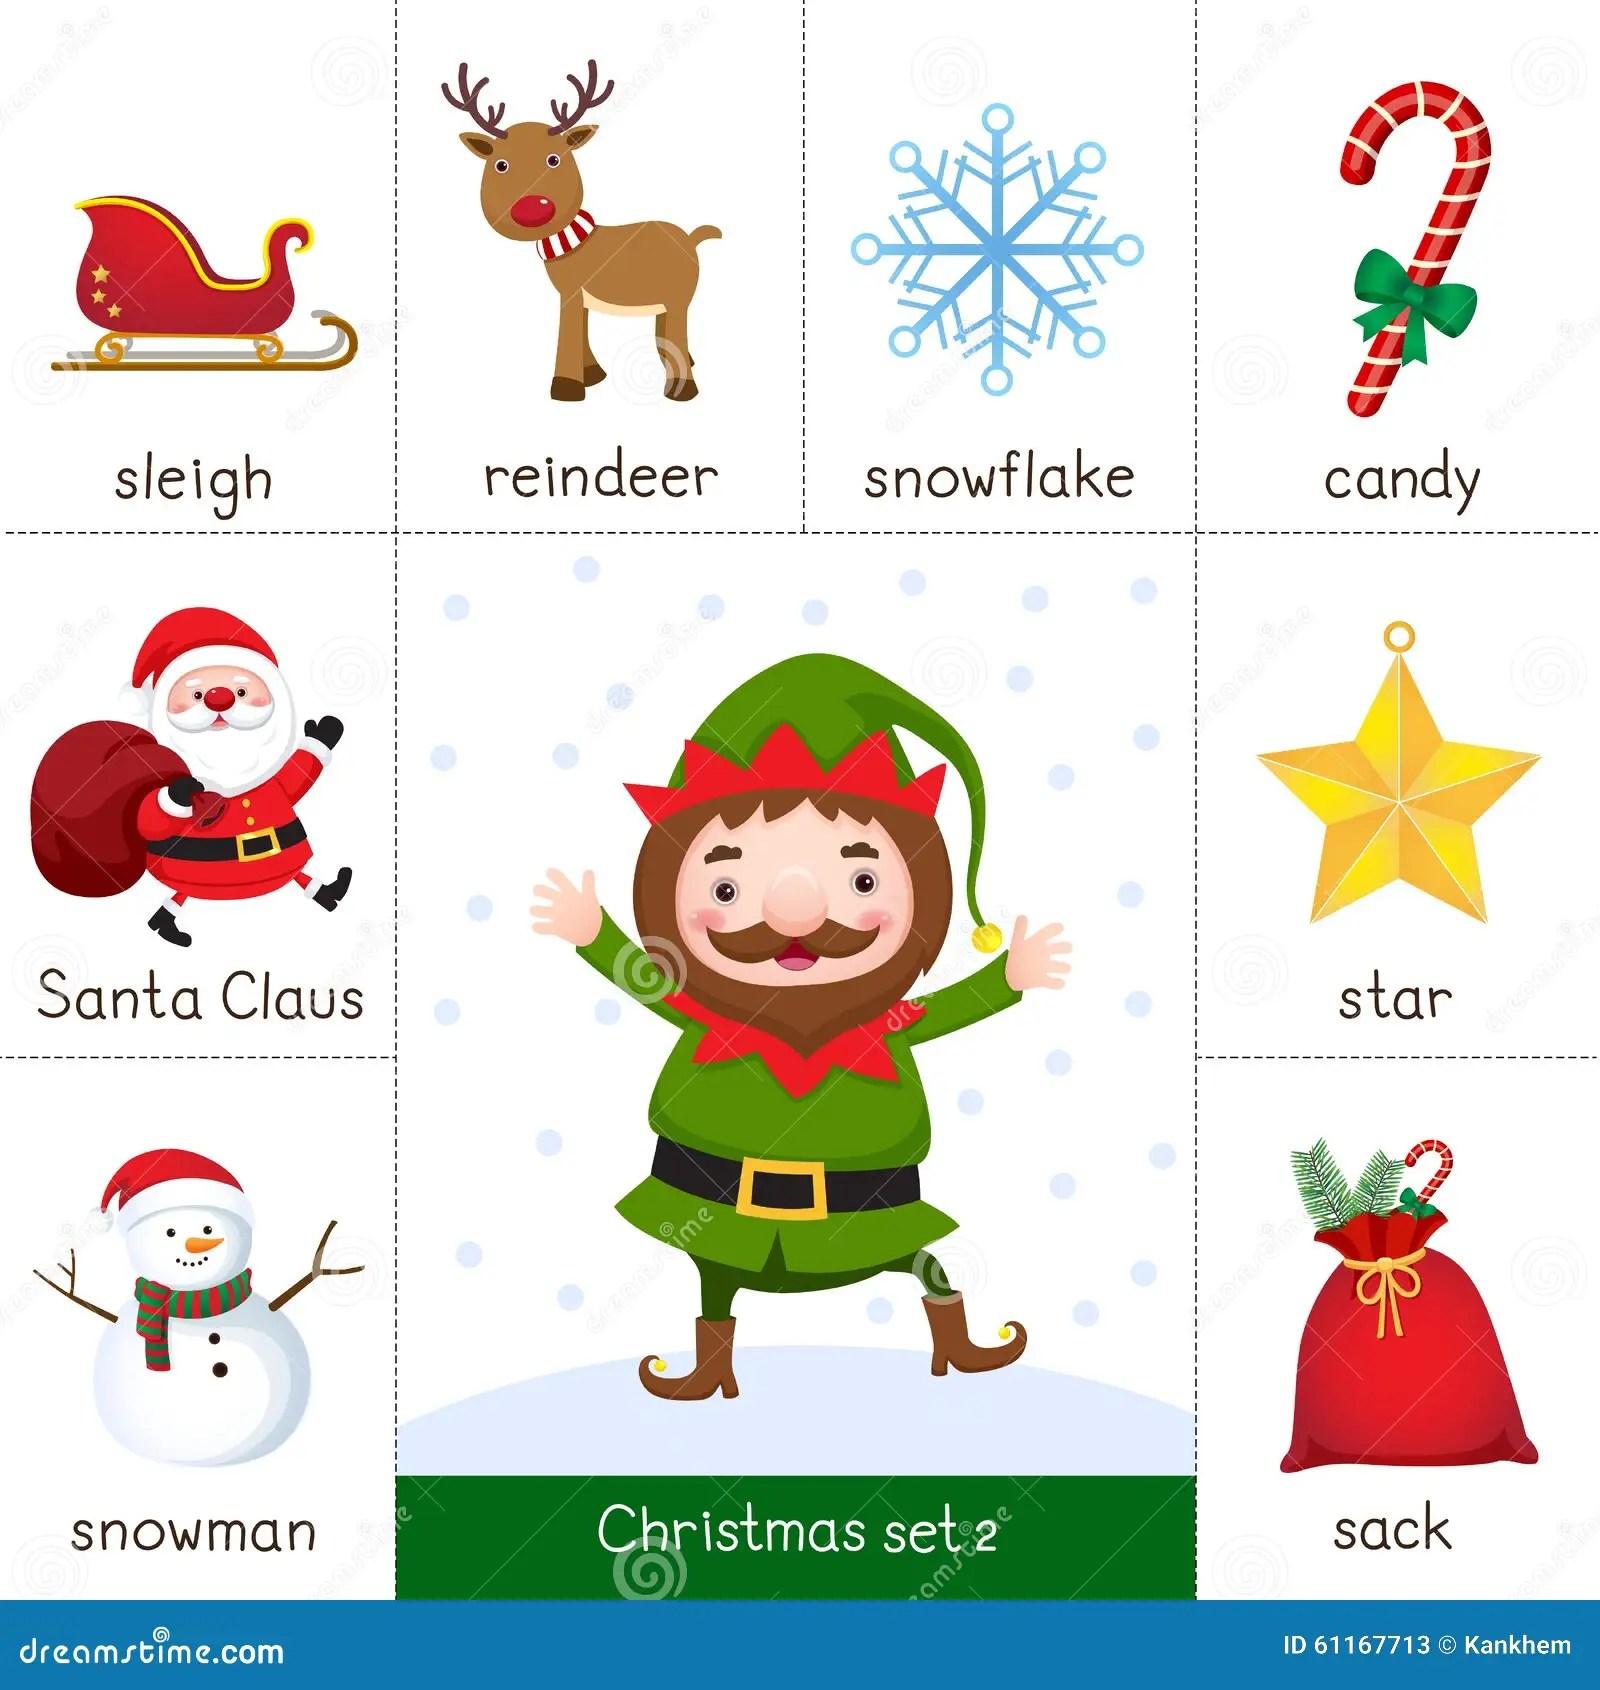 Printable Flash Card For Christmas Set And Christmas Elf